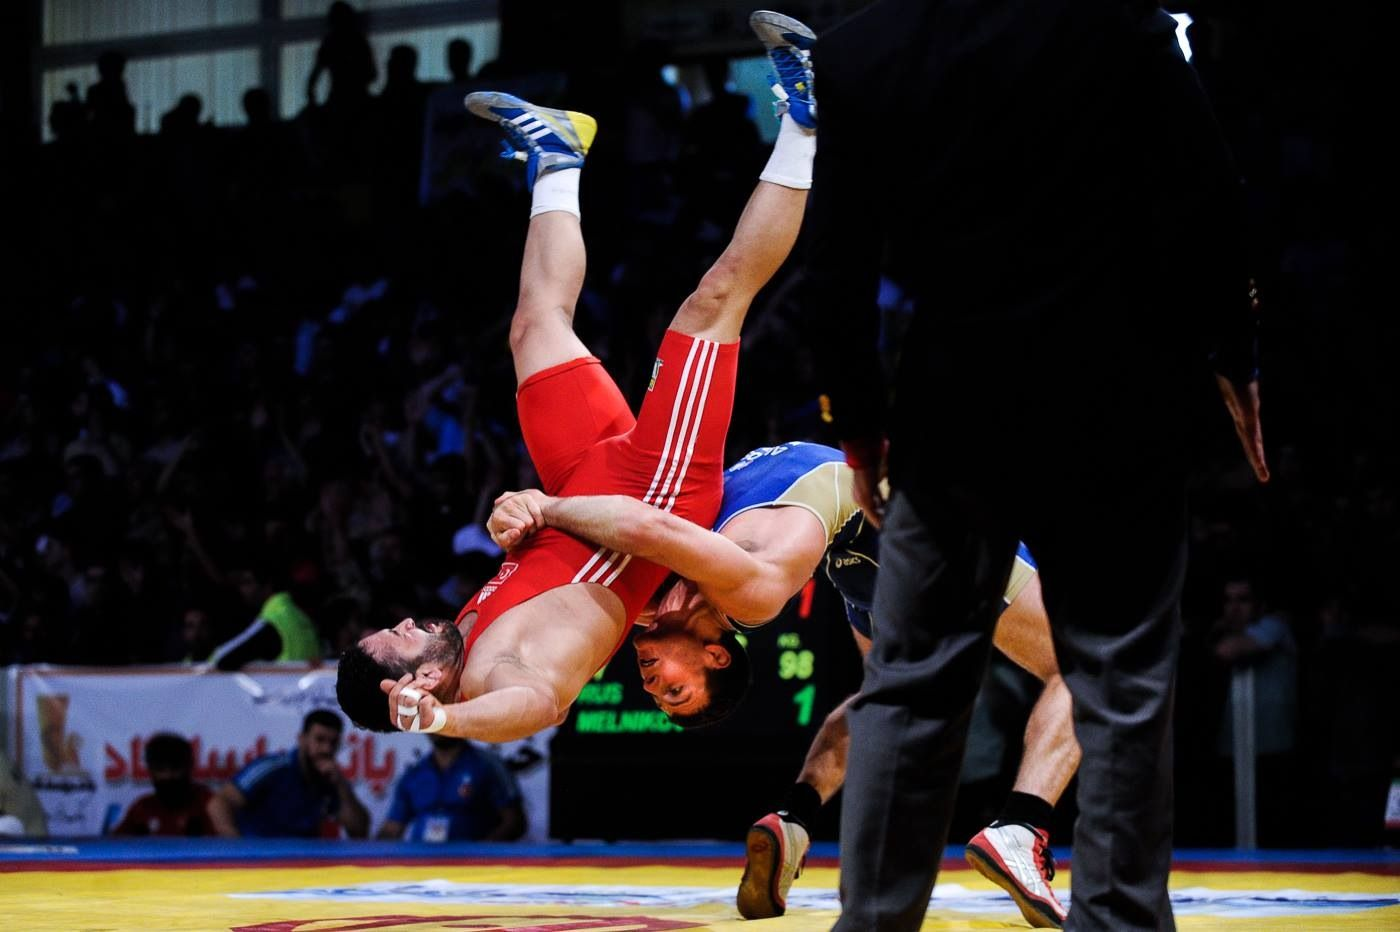 1c2e70dd7a1 La gestión psicológica y la toma de decisiones en deportes de lucha.